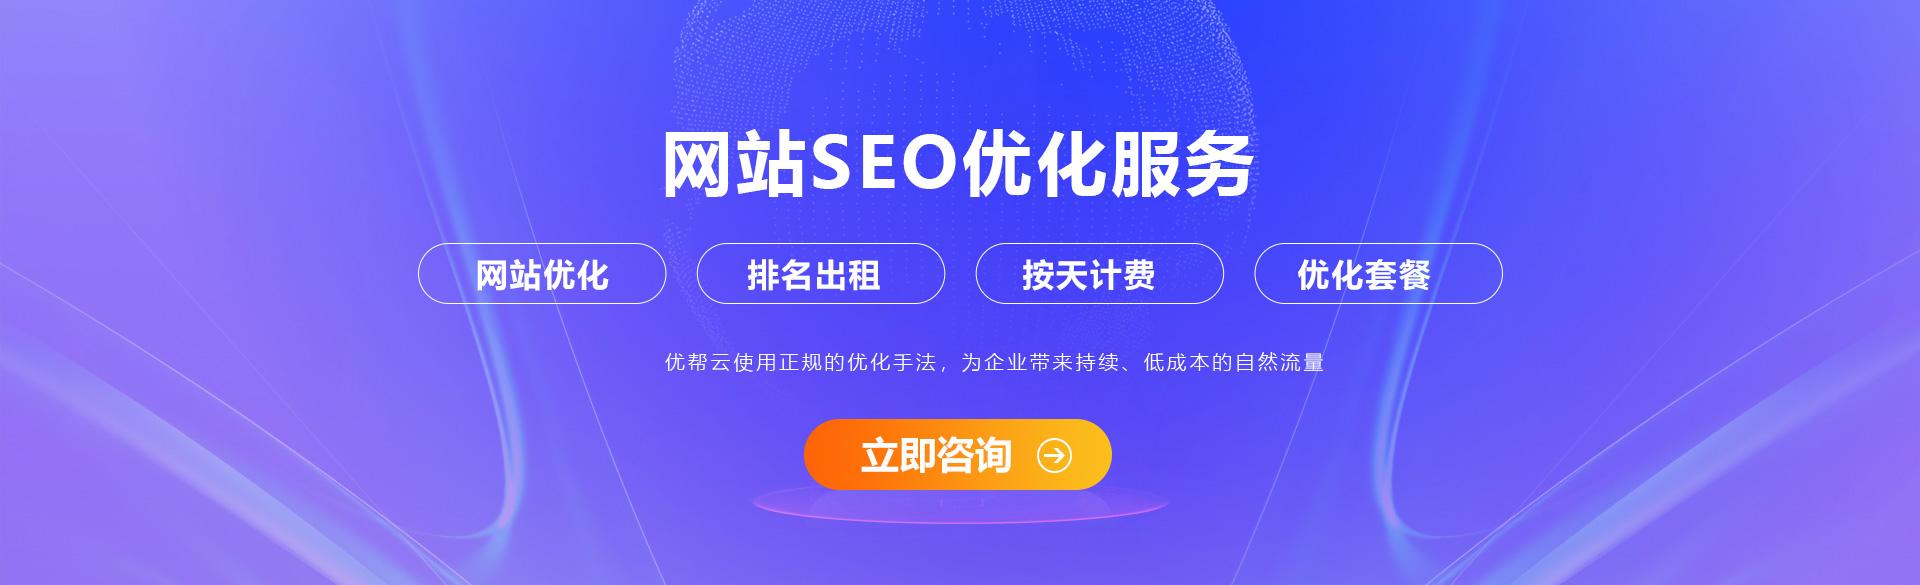 沐鸣2SEO智能优化服务平台,上词速度快、网站排名稳、优化效果好;覆盖面广、曝光量多、不限点击;先上排名后扣费  非首页不扣费!